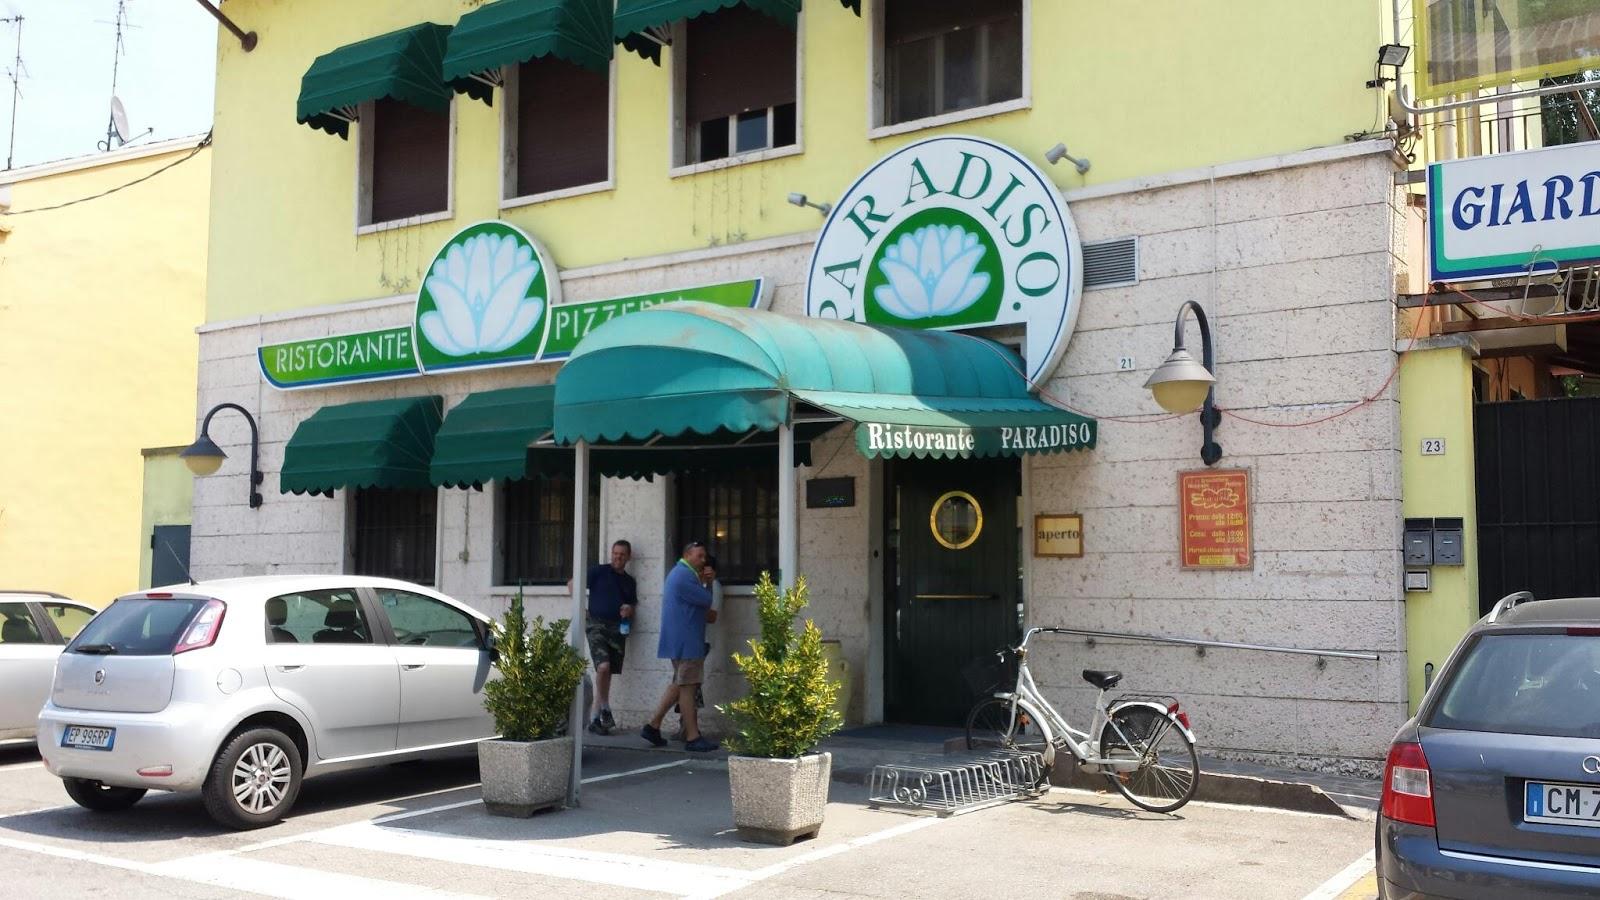 Ristoranti Bagnolo San Vito Mn : Ristorante pizzeria paradiso bagnolo sam vito fast food